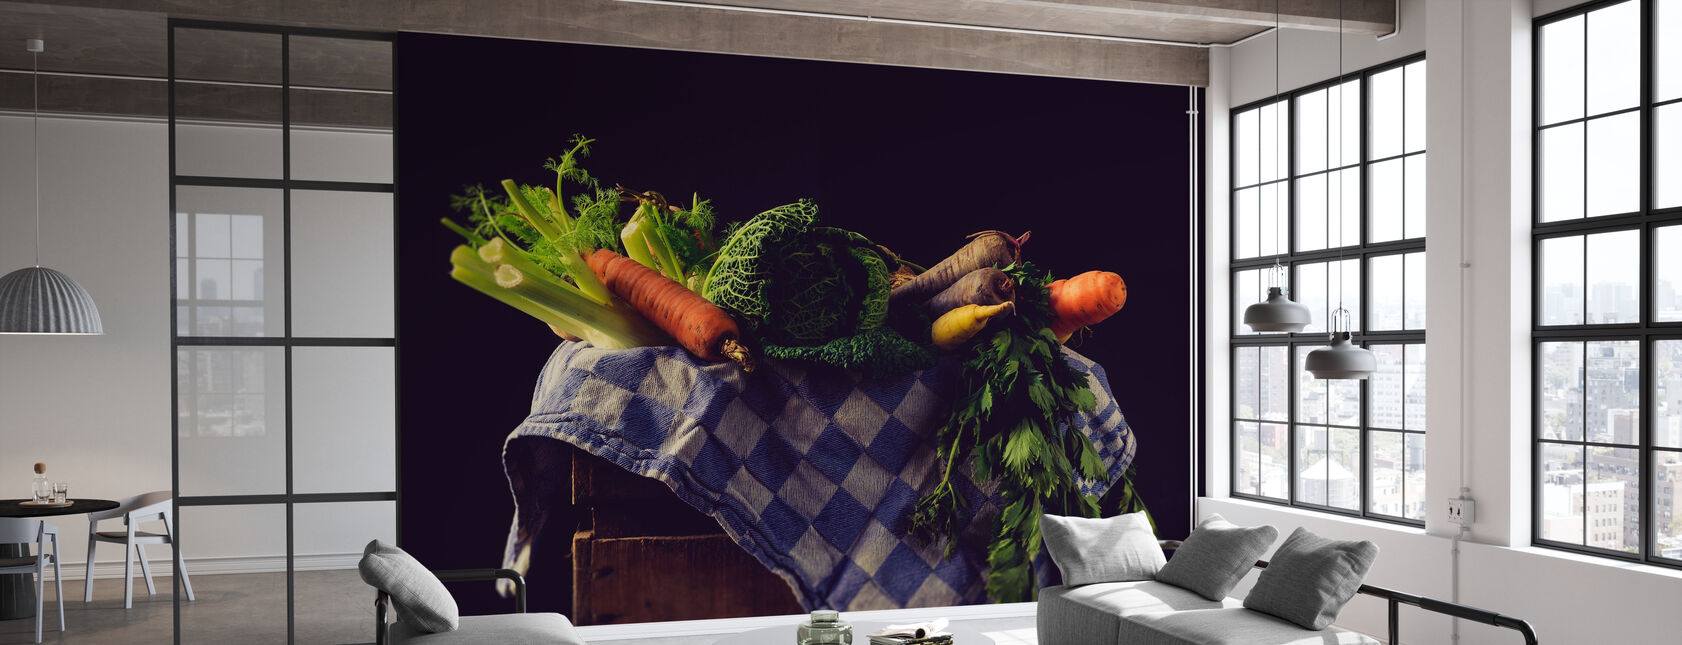 Groenten - Behang - Kantoor